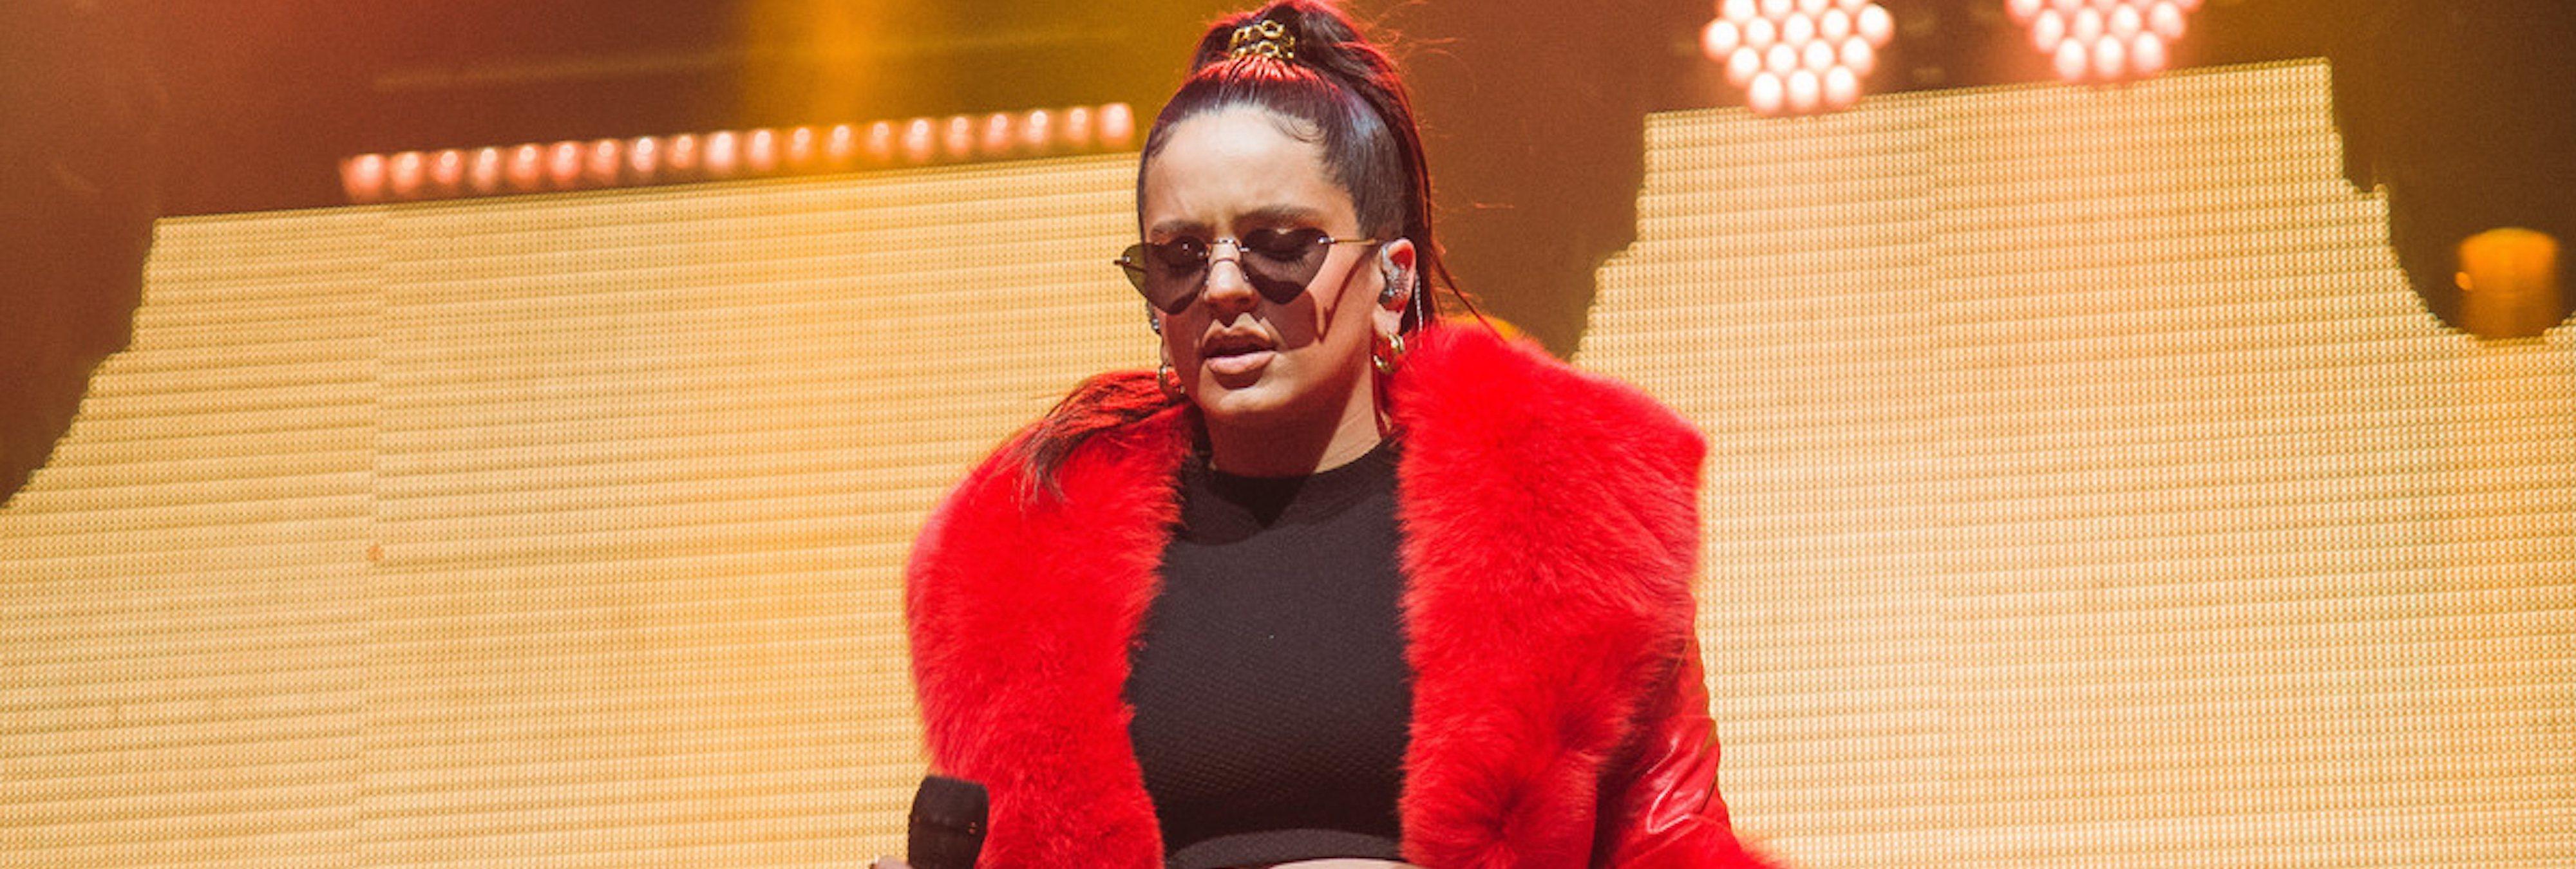 Rosalía decepciona a sus fans por vestir con piel de animales